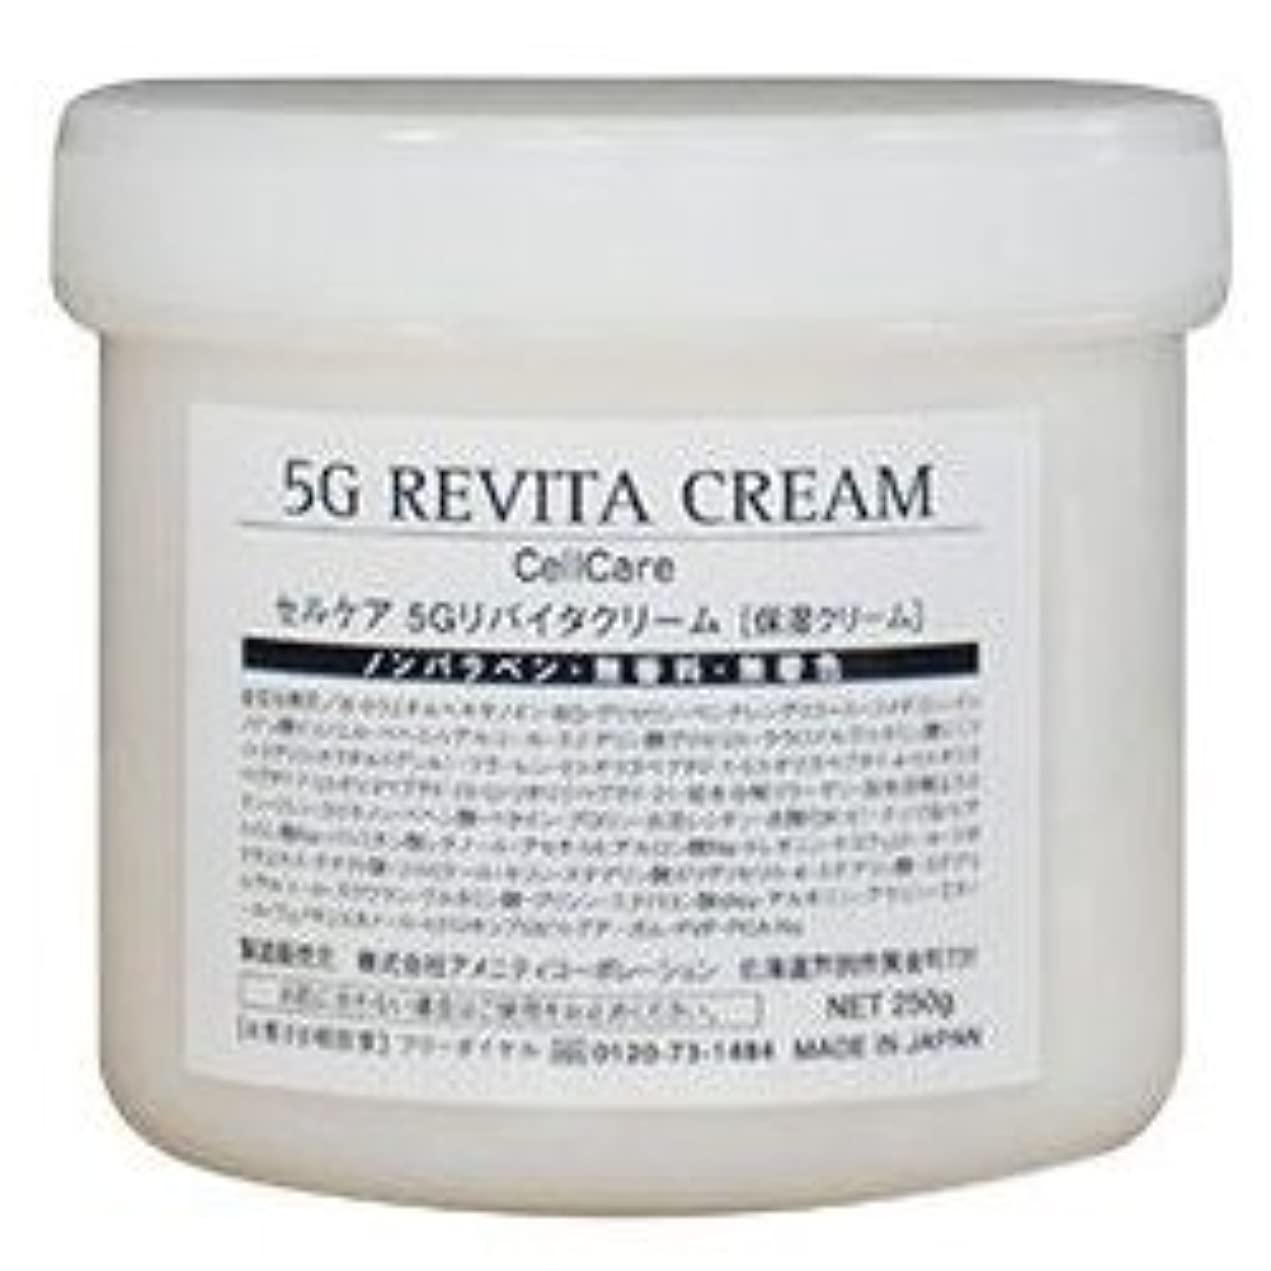 第五認証時期尚早セルケアGF プレミアム 5Gリバイタルクリーム 保湿クリーム お徳用250g